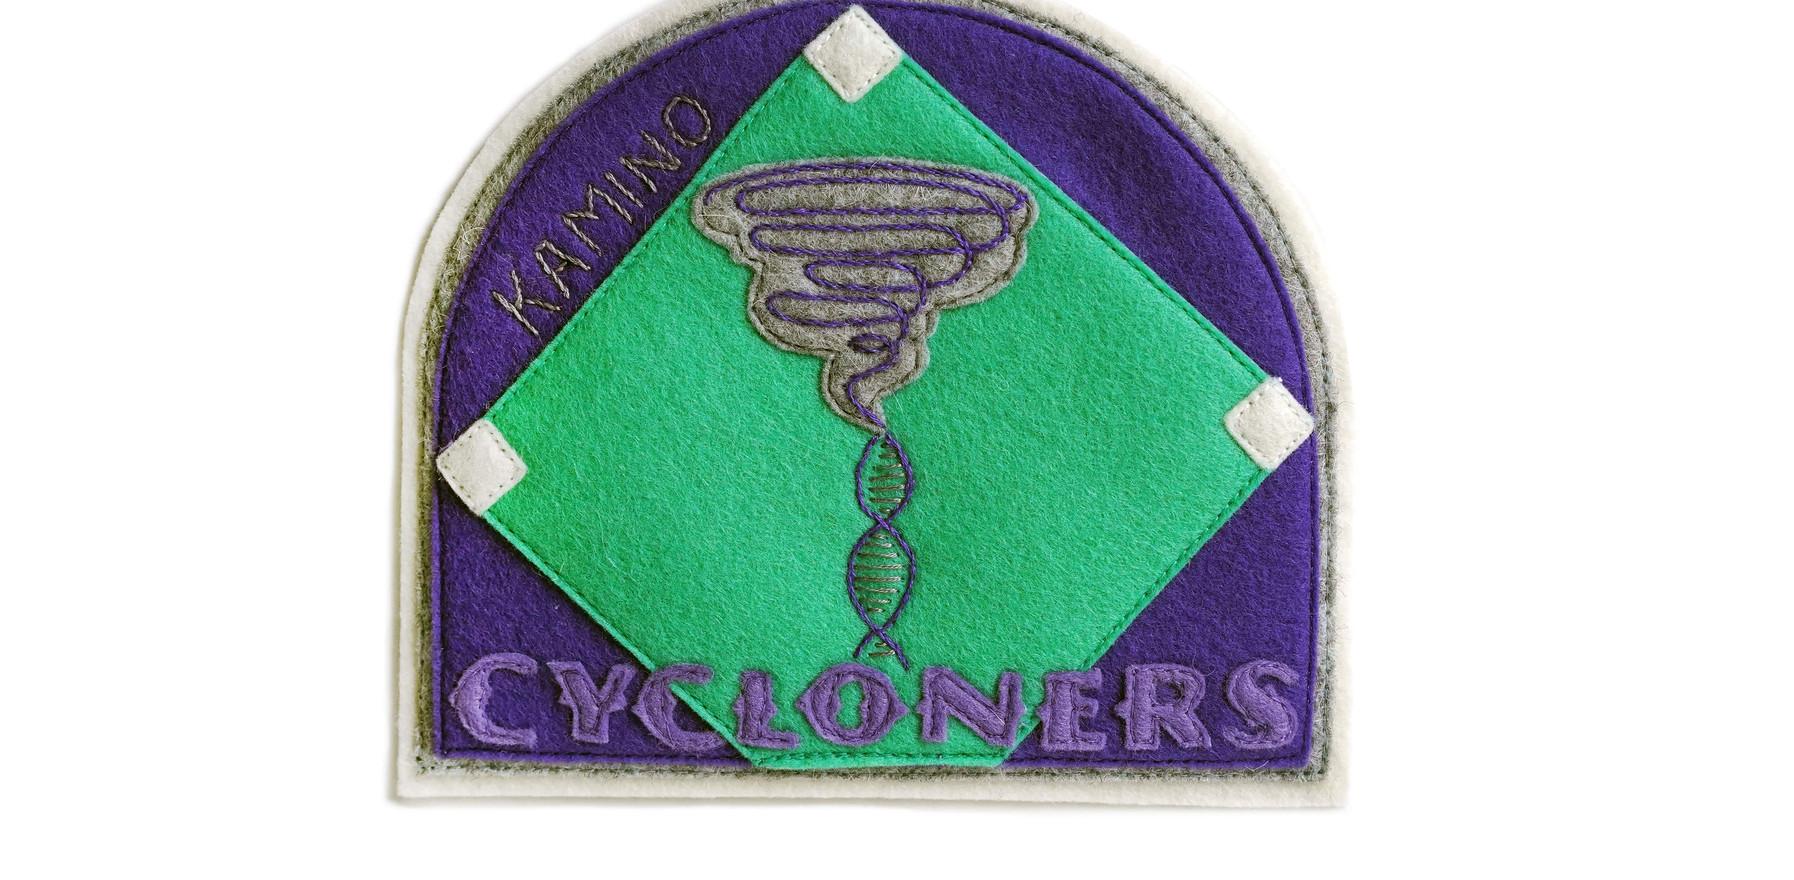 Kamino Cycloners